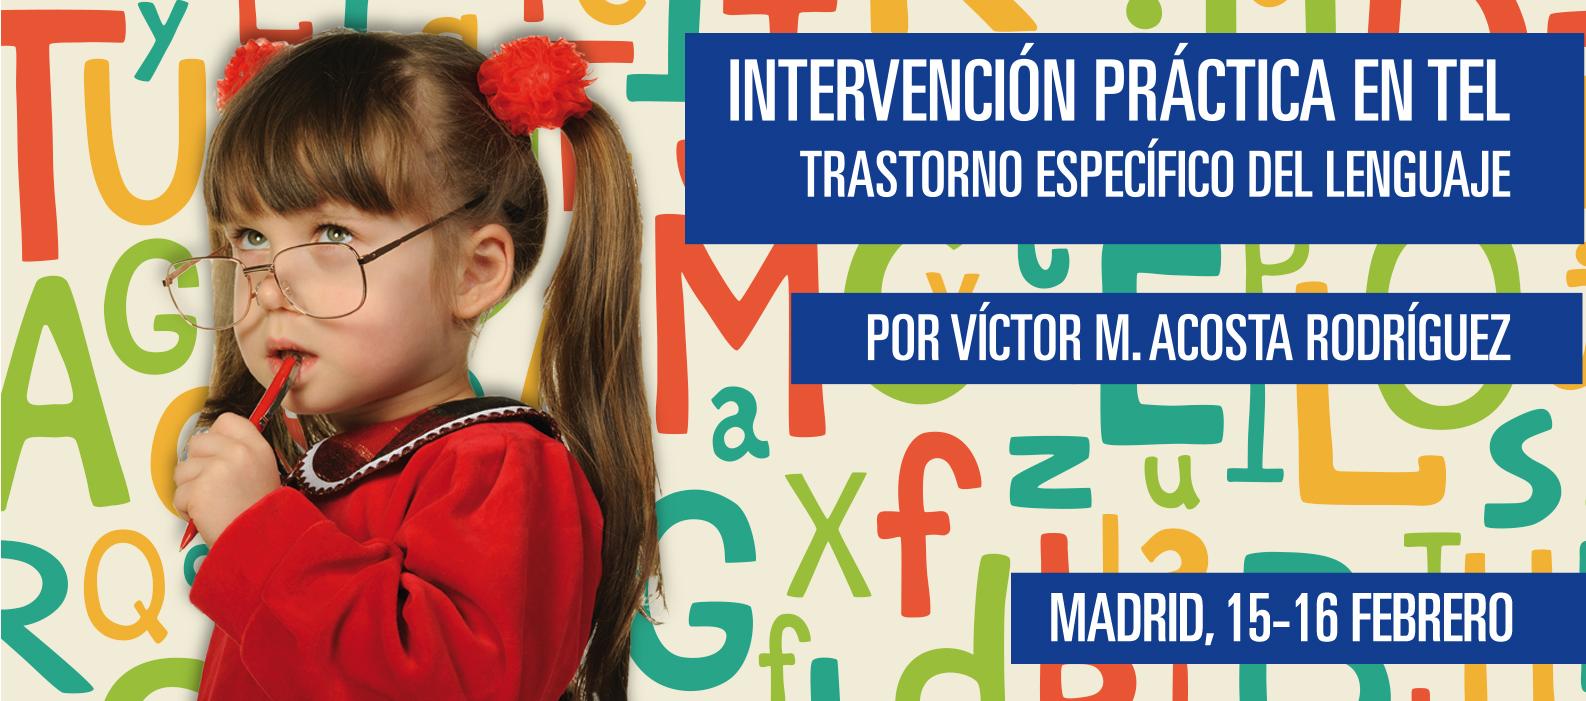 Intervención Práctica en Trastorno Específico del Lenguaje (TEL)